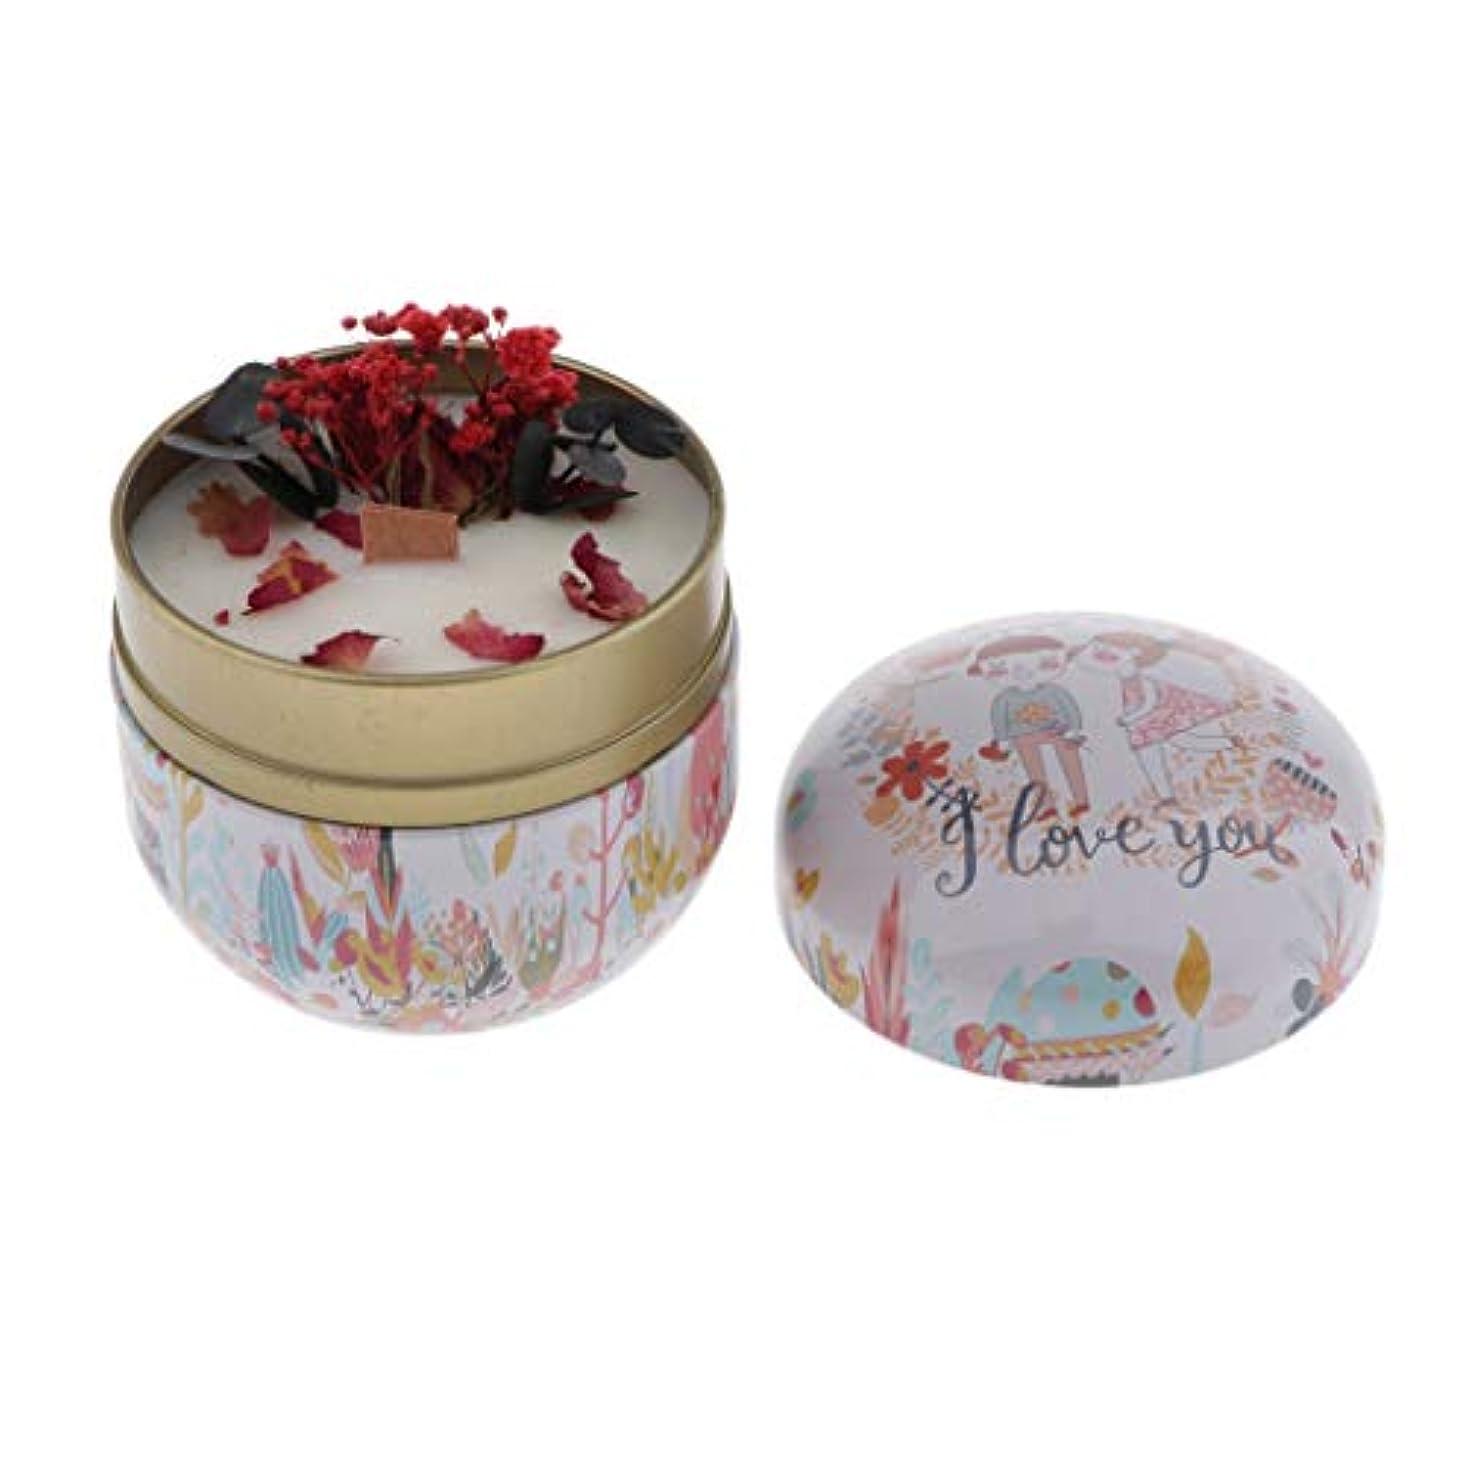 かる絶望学部長chiwanji 植物ワックス アロマキャンドル ローソク 蝋燭 ろうそく キャンドル ライト 香料入り 260g 全4カラー - 甘い桃とバニラ